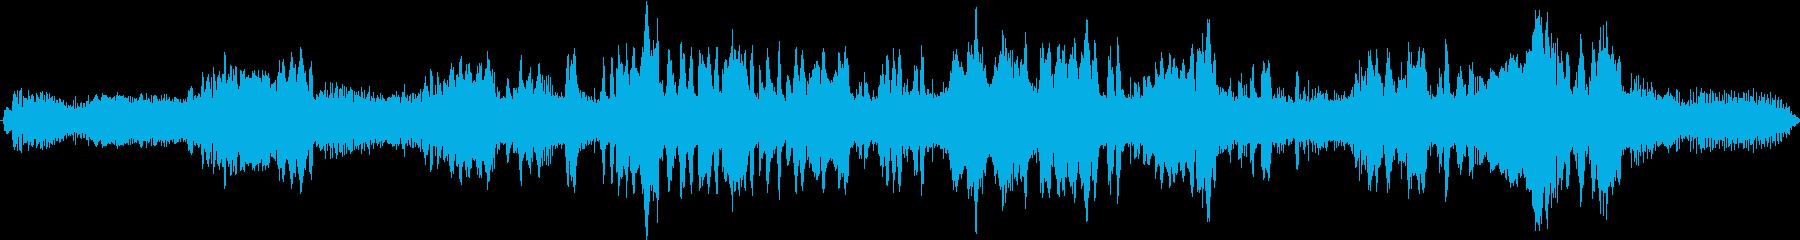 800 Ccスノーモービルレーサー...の再生済みの波形